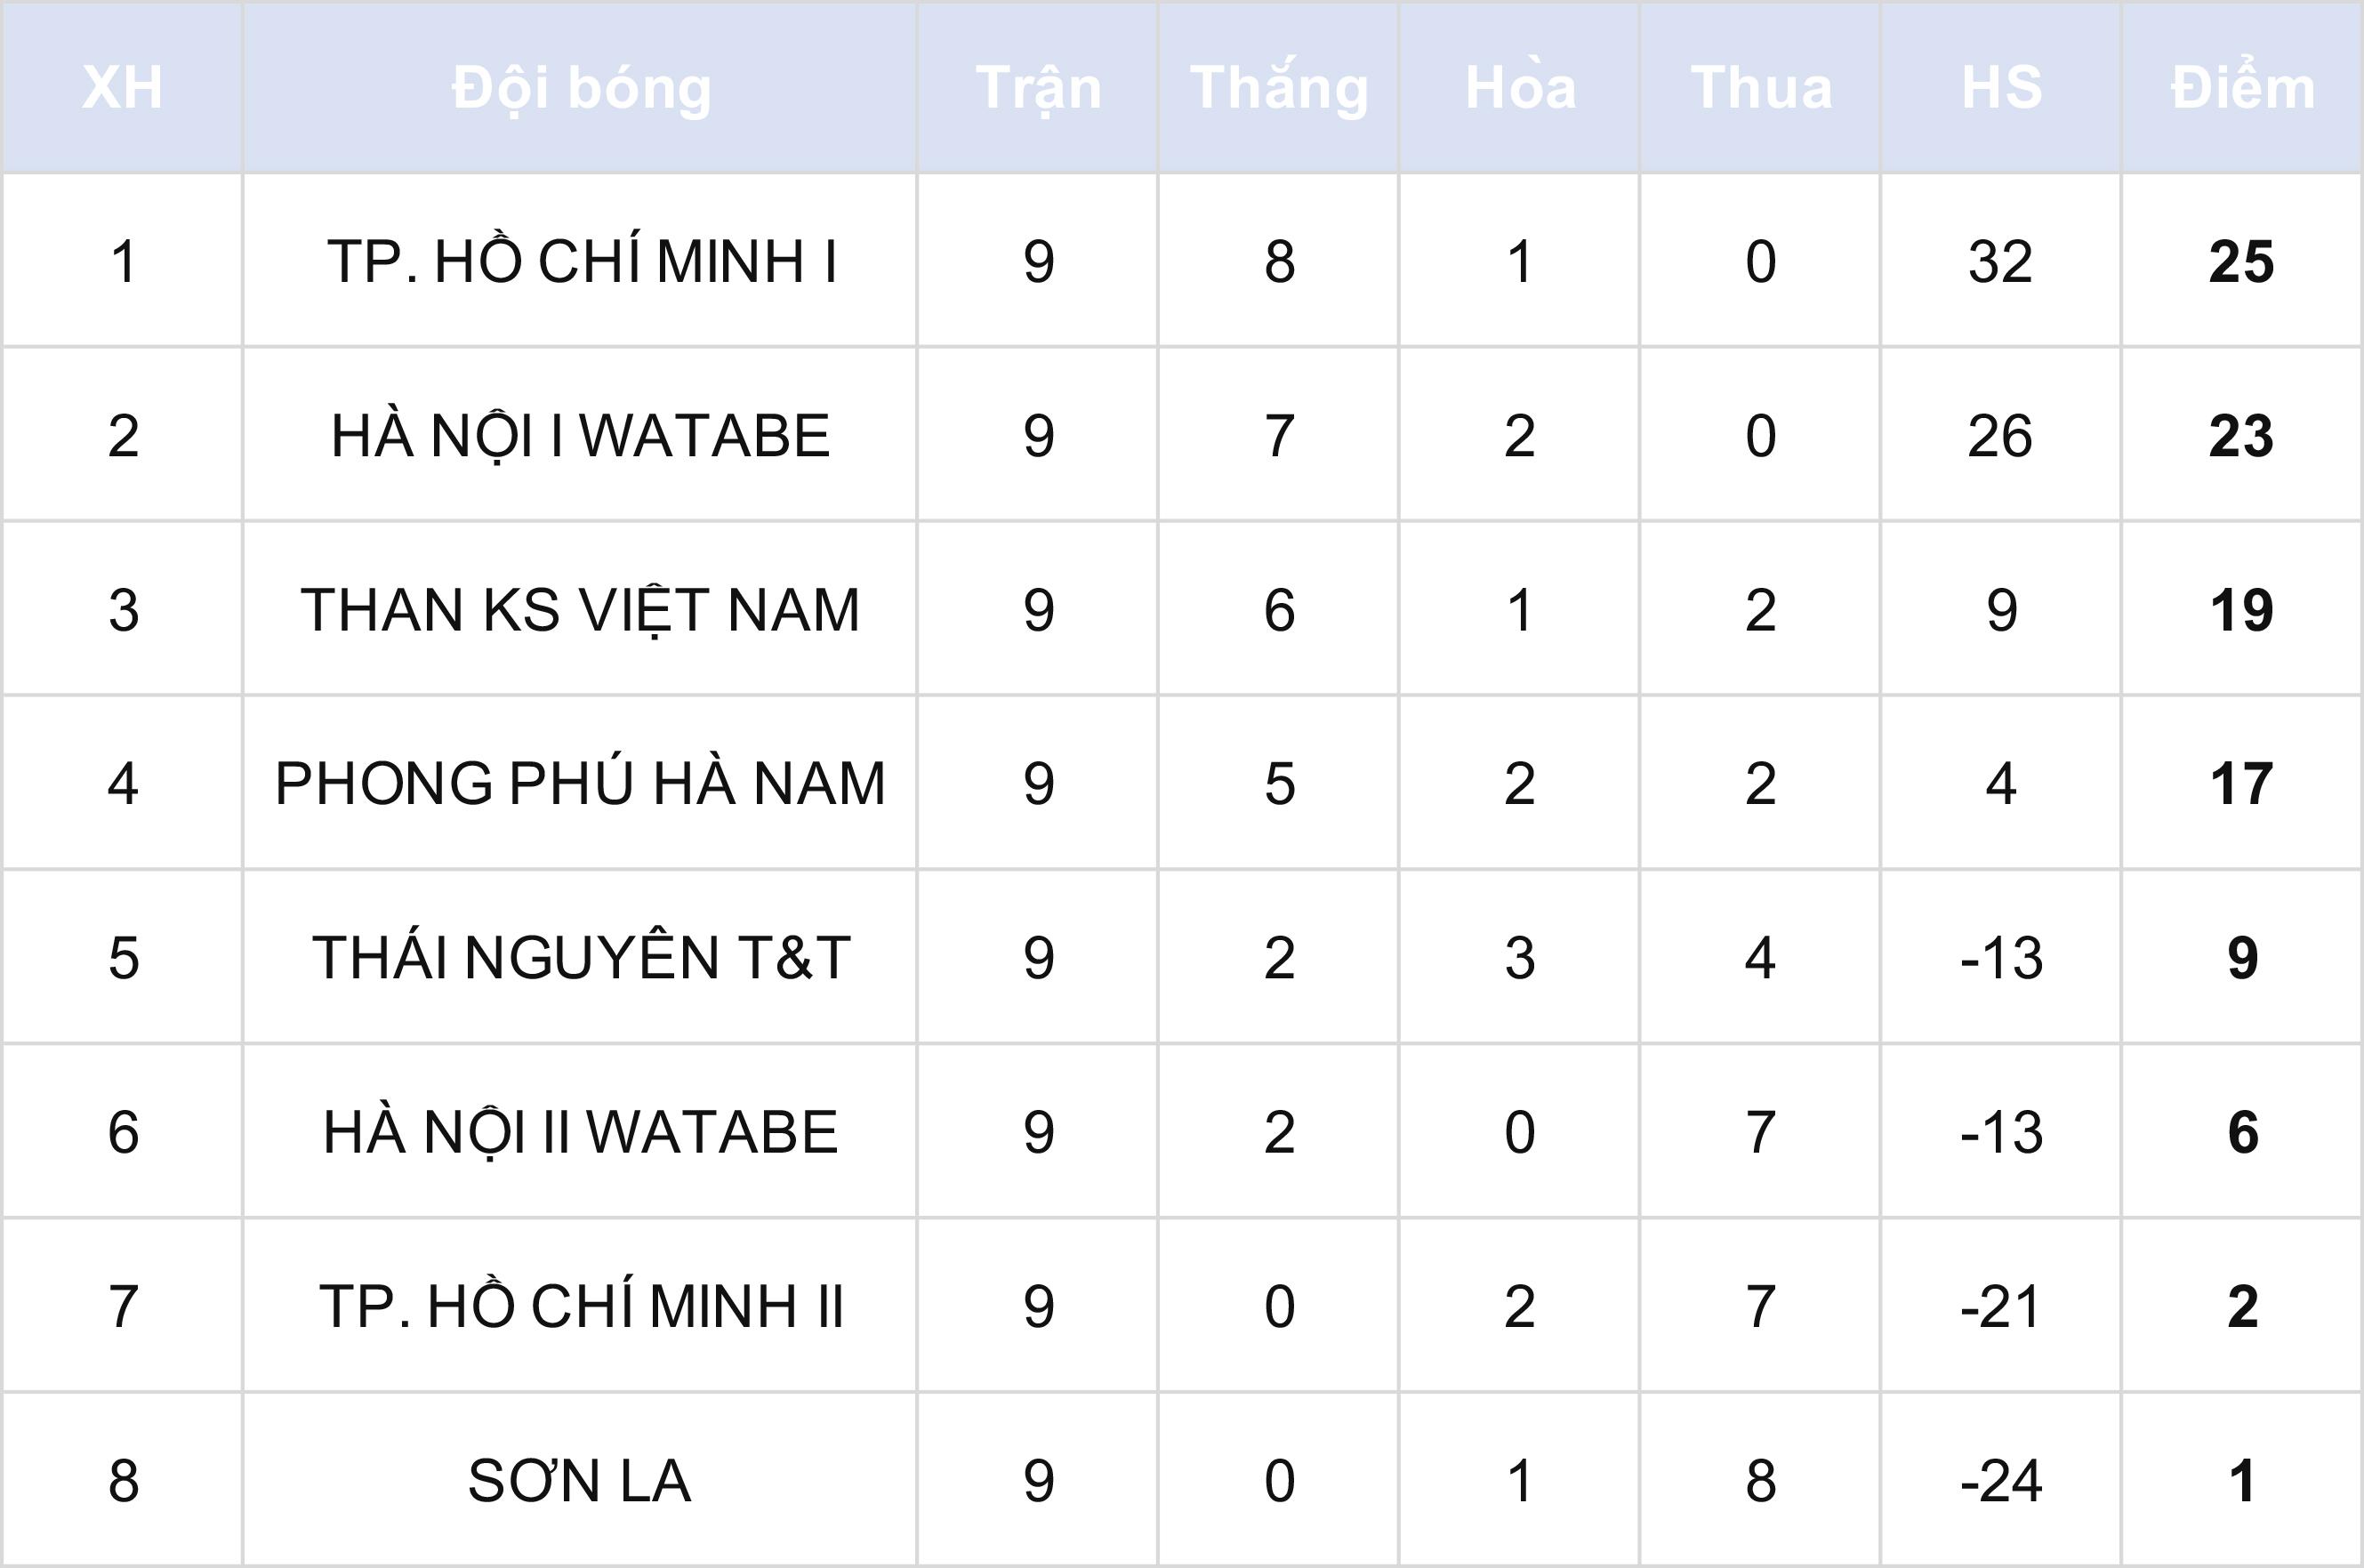 TP Hồ Chí Minh I và Than KS Việt Nam khẳng định sức mạnh -0